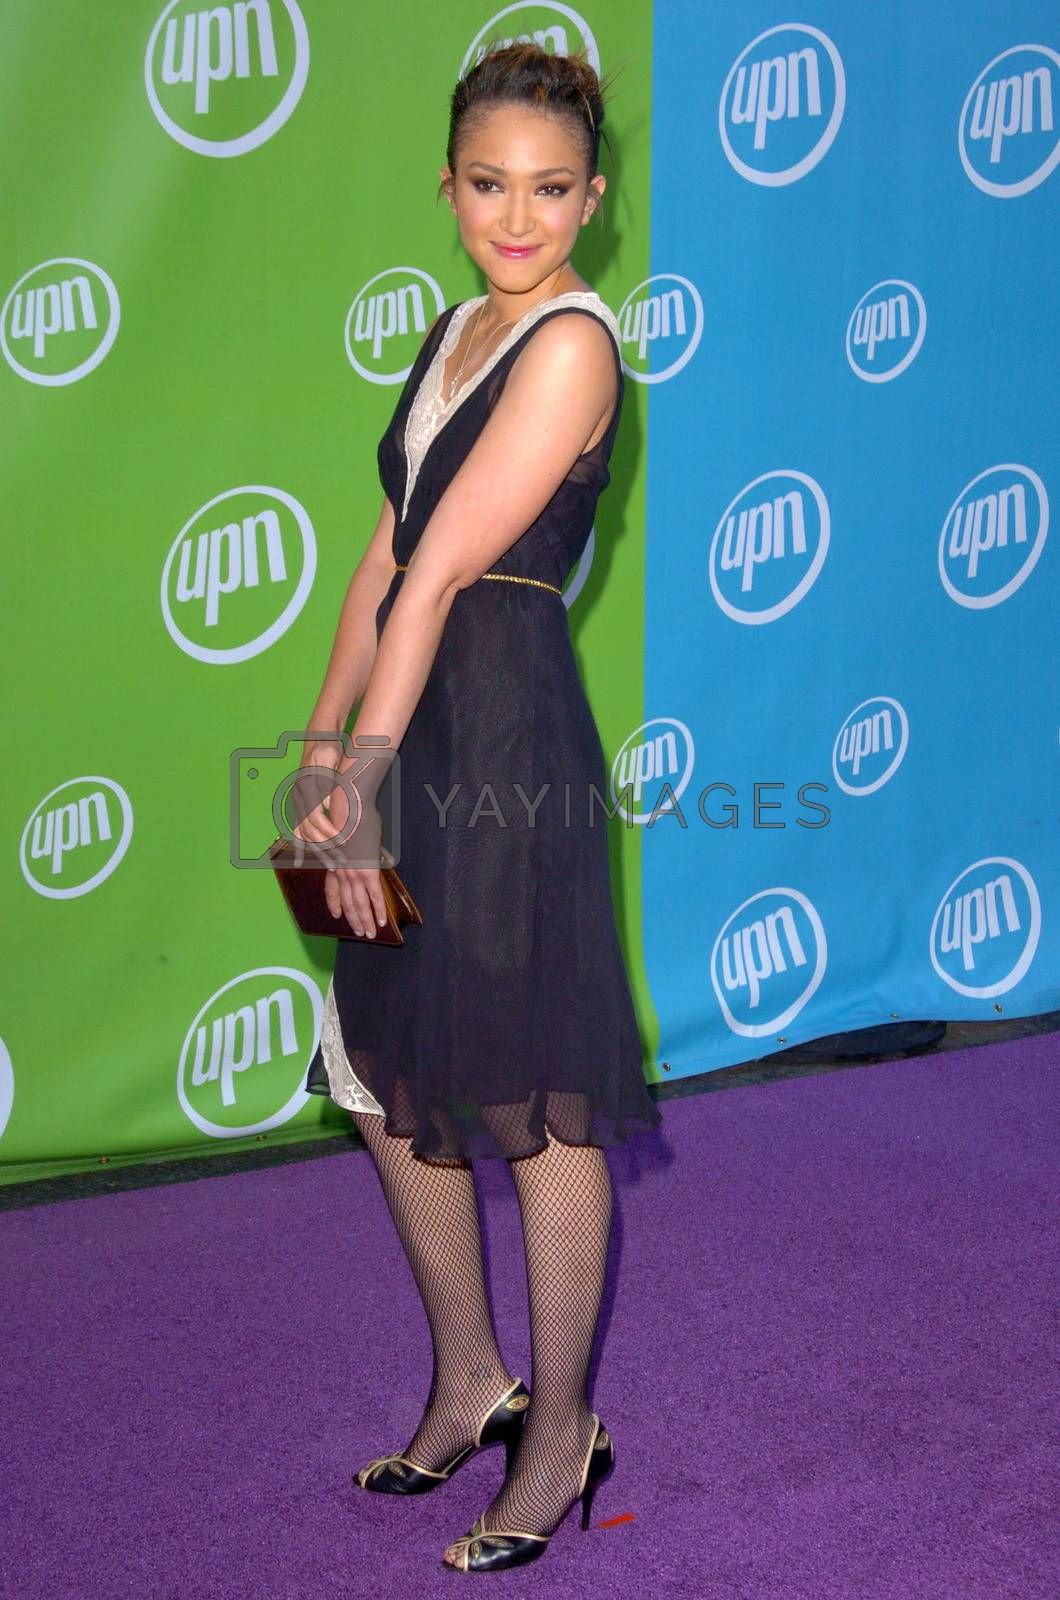 Naima Mora At the UPN Summer TCA Party, Paramount Studios, Hollywood, CA 07-21-05